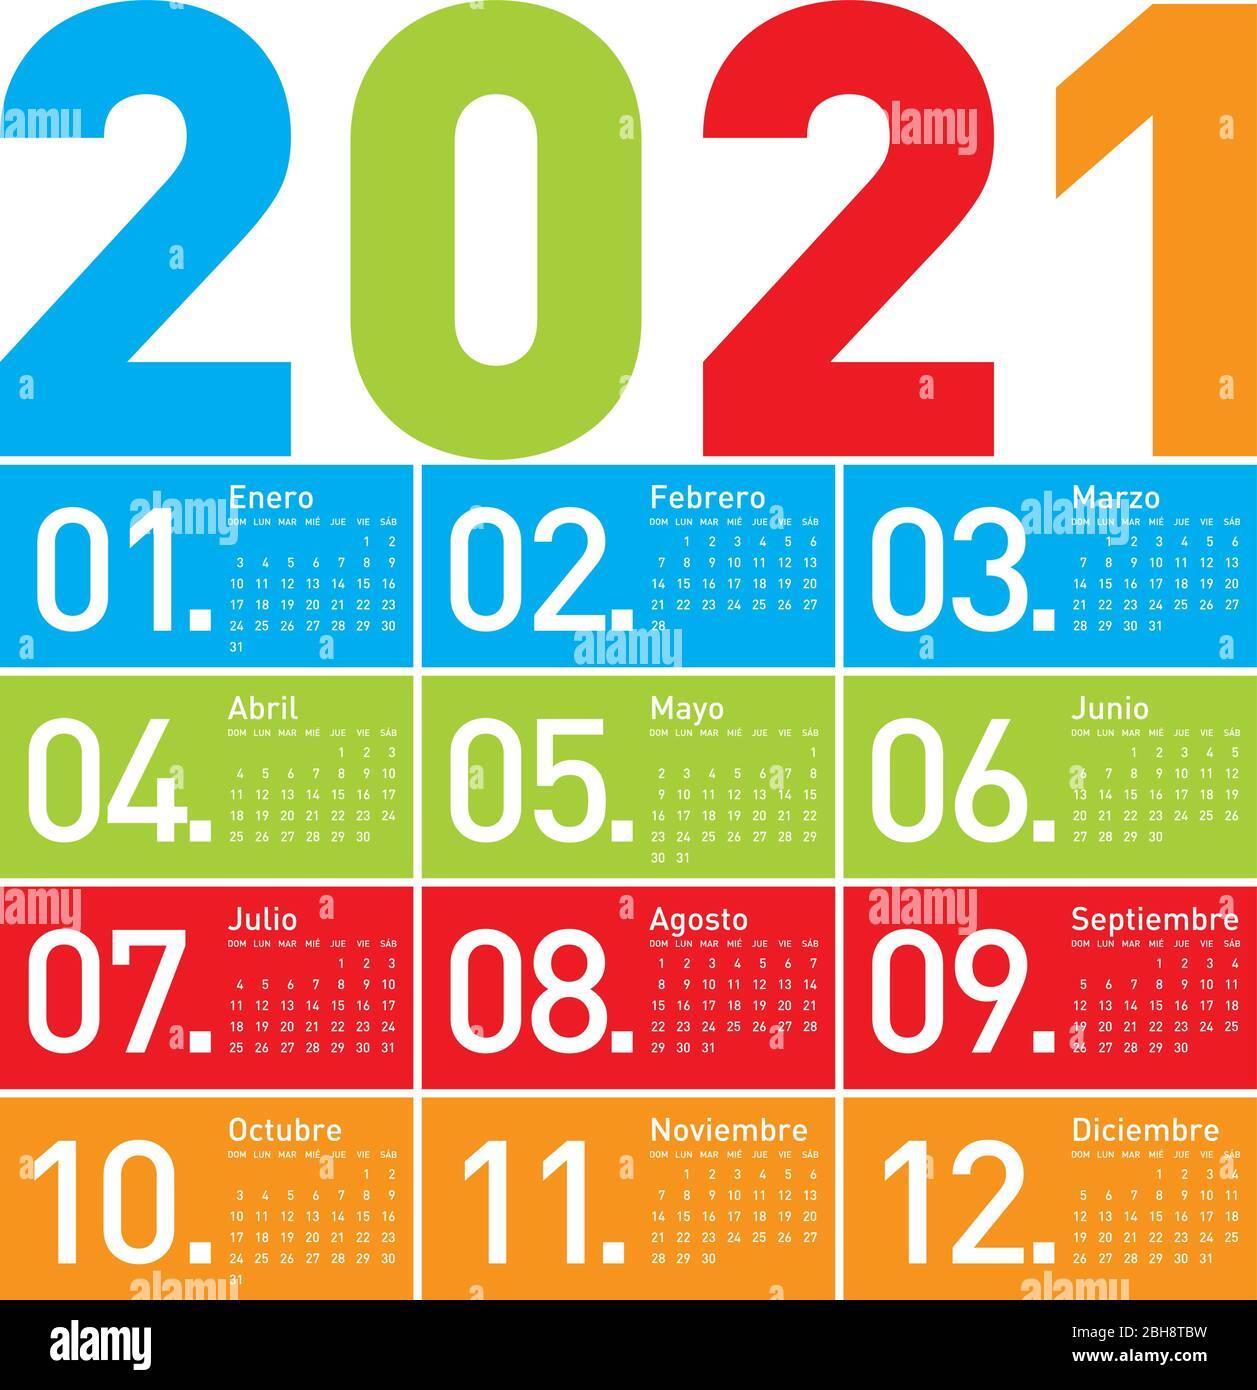 Calendrier coloré pour l'année 2021, en espagnol Image Vectorielle